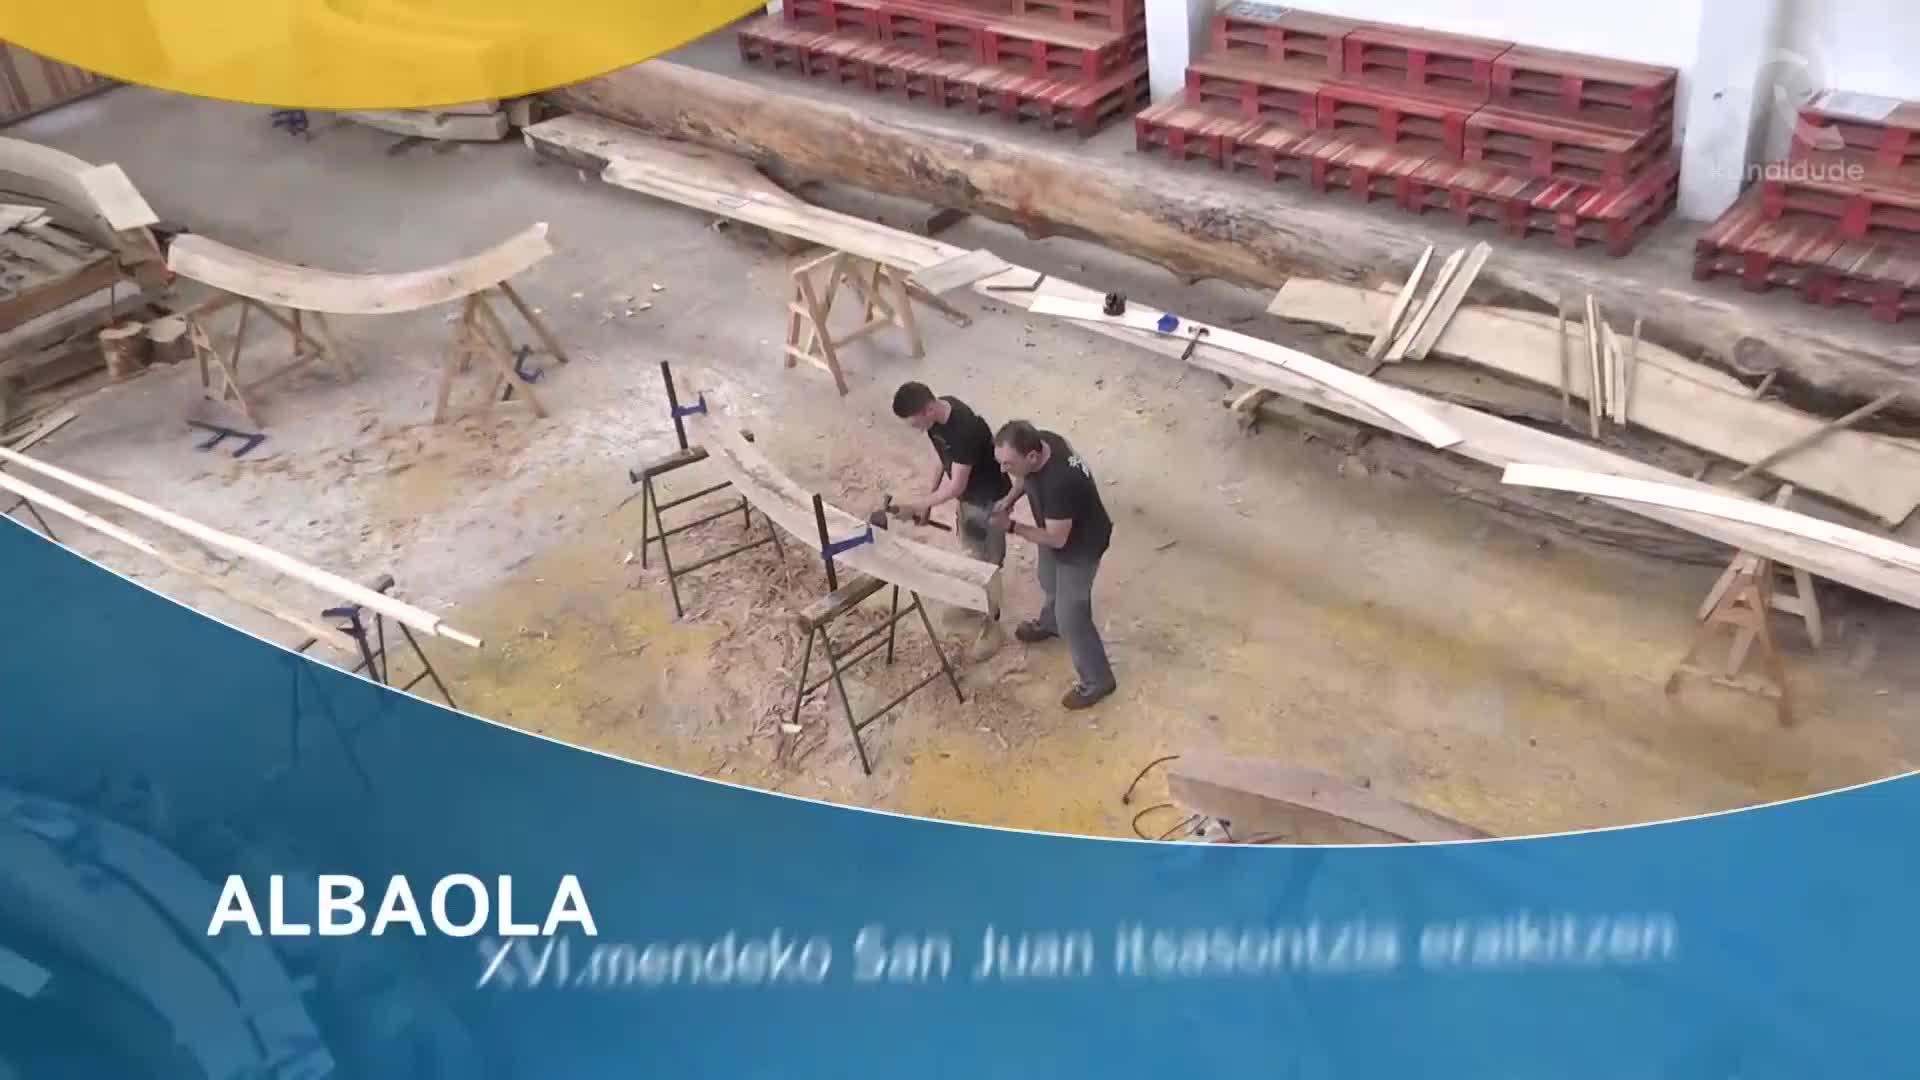 ALBAOLA: XVI.mendeko San Juan itsasontzia eraikitzen